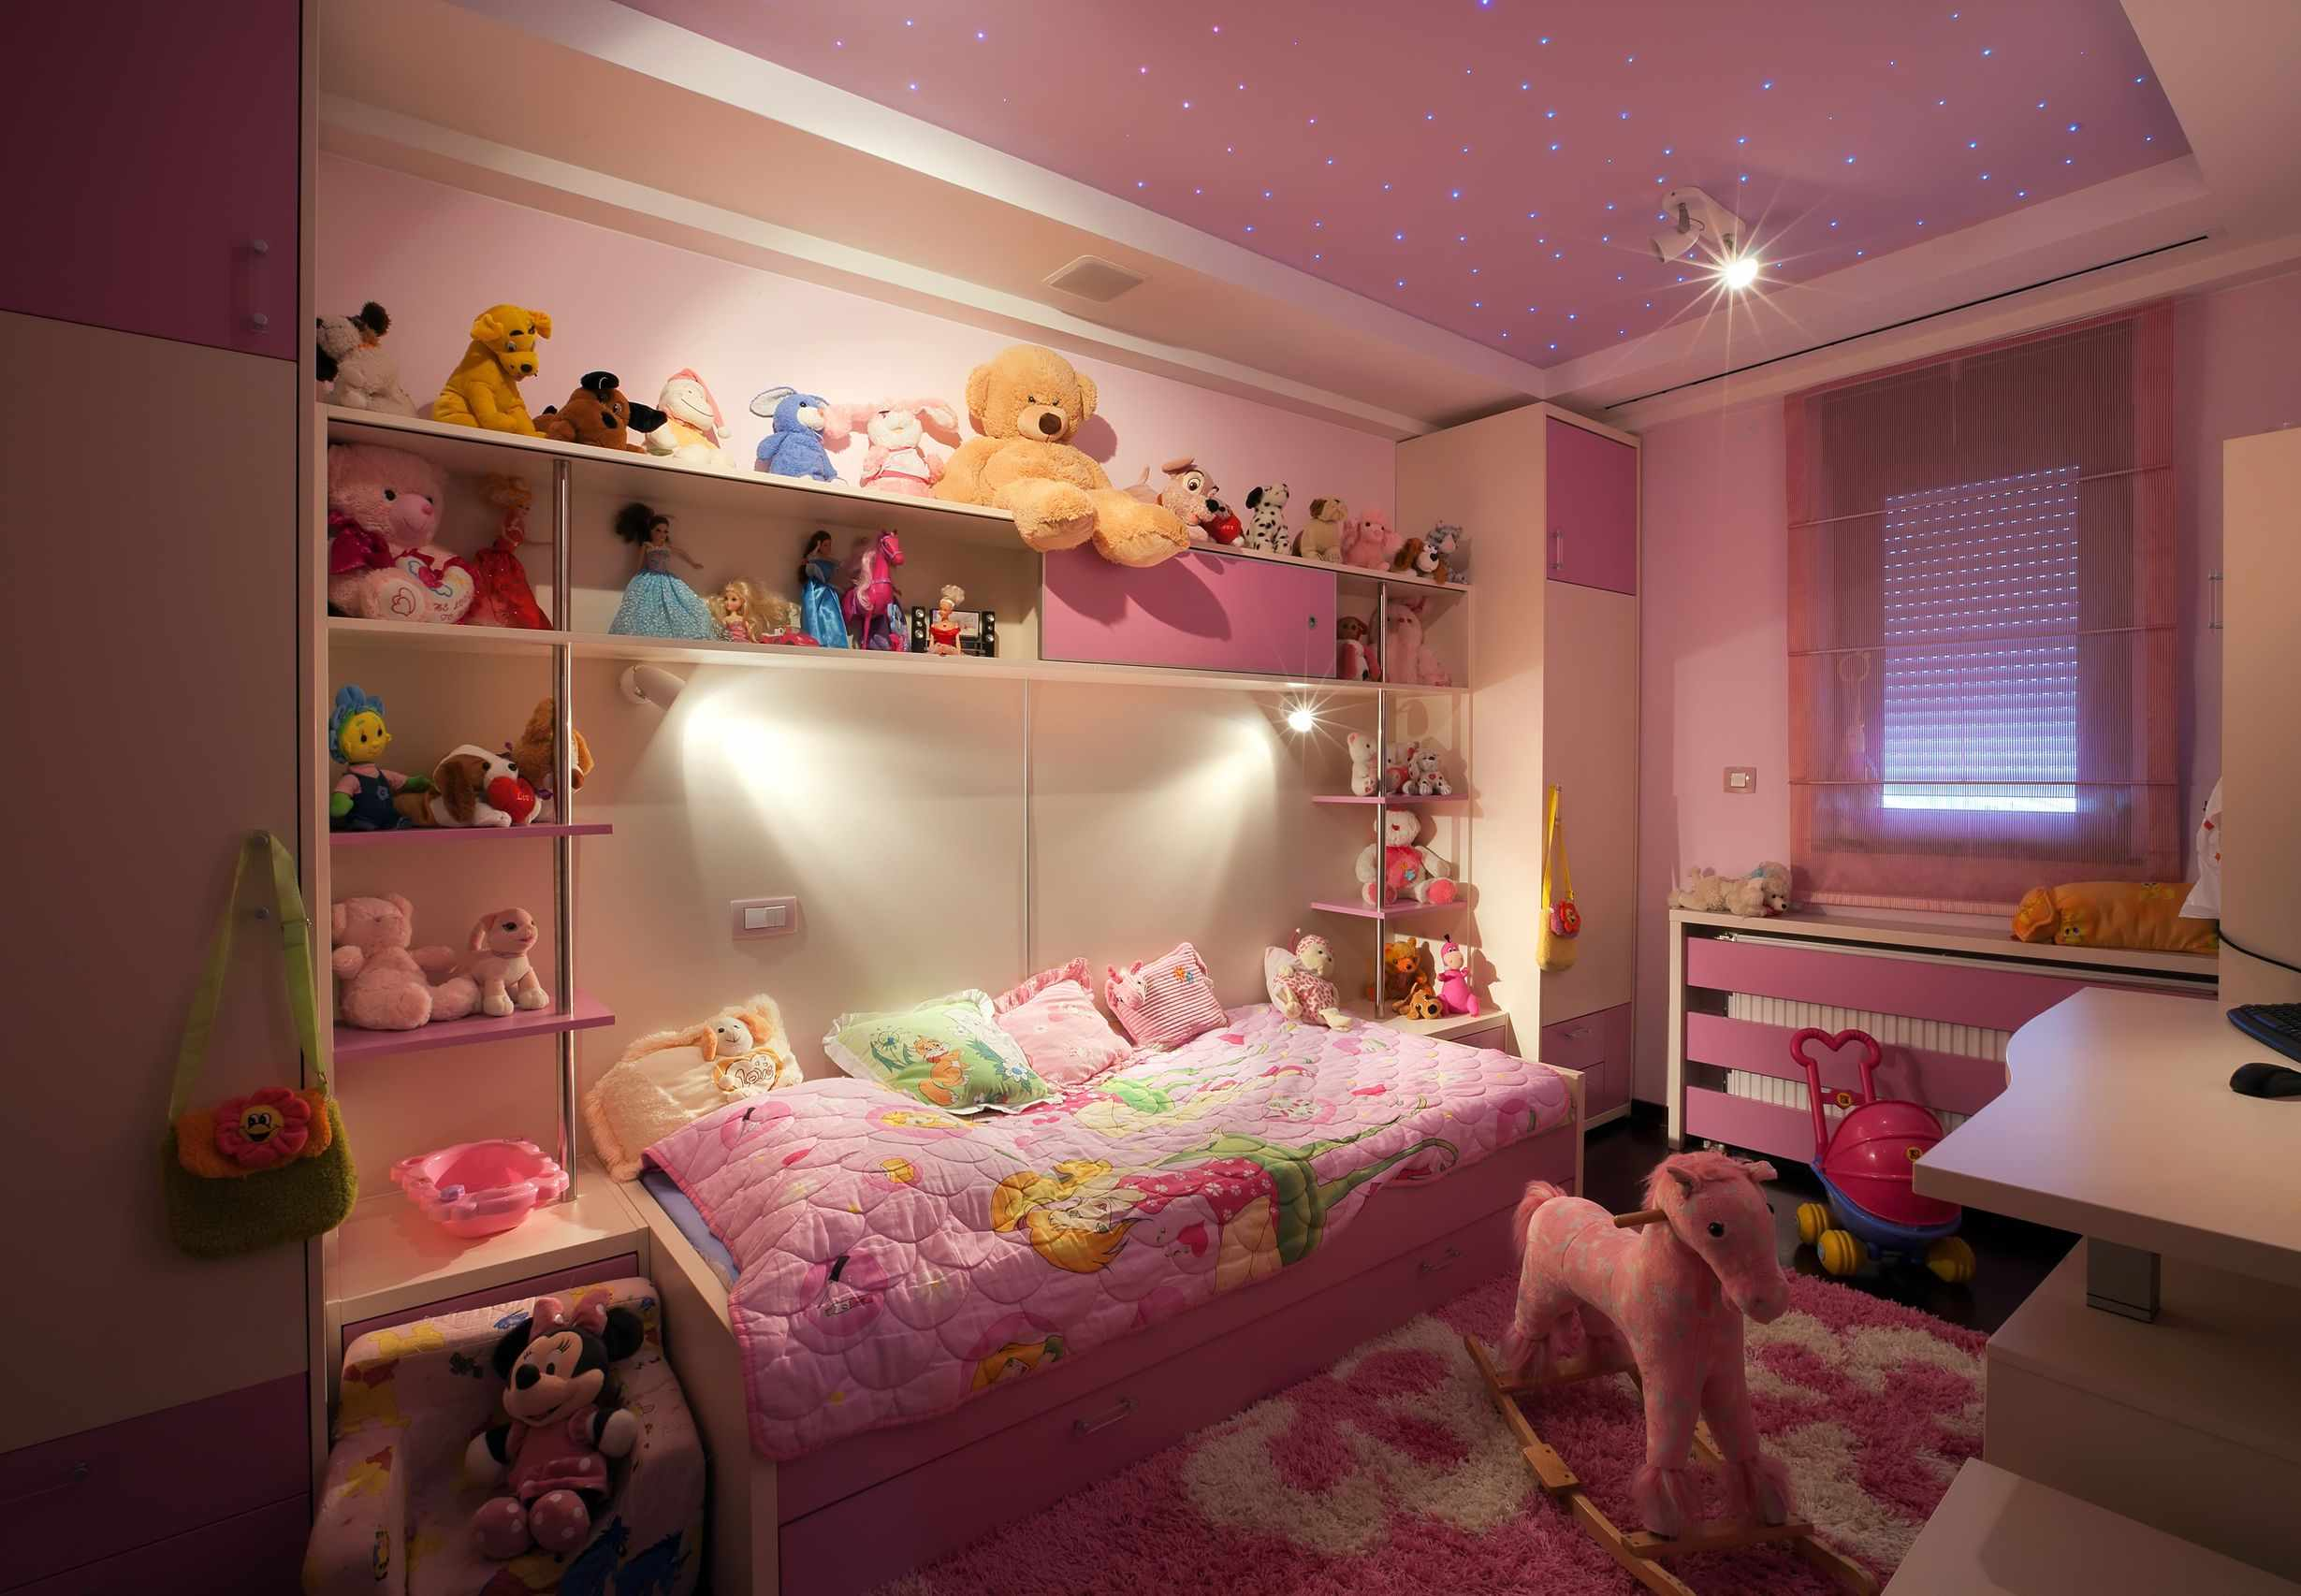 пример яркого интерьера спальни для девочки